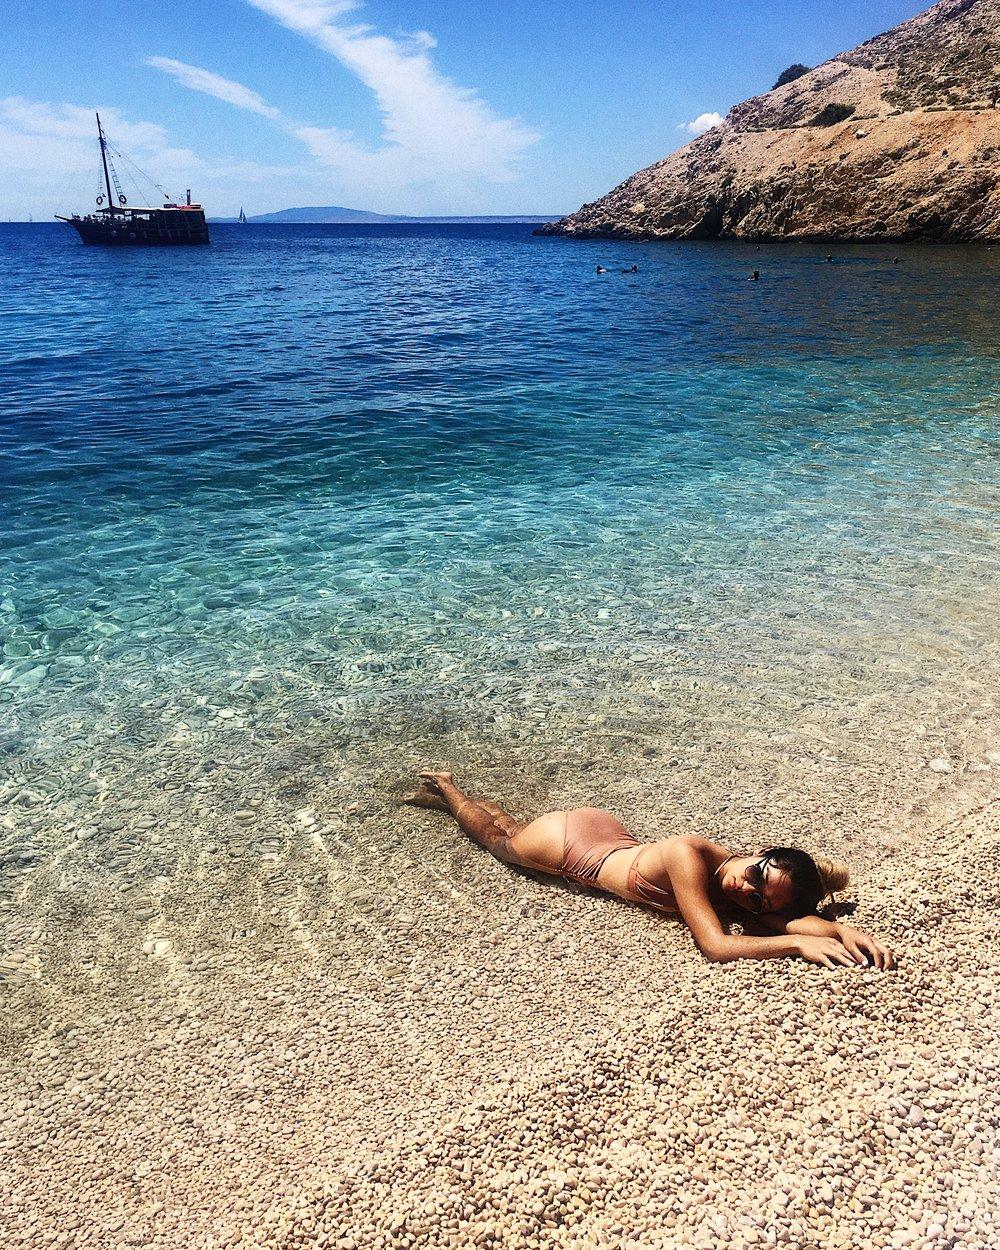 croatia nude bikini